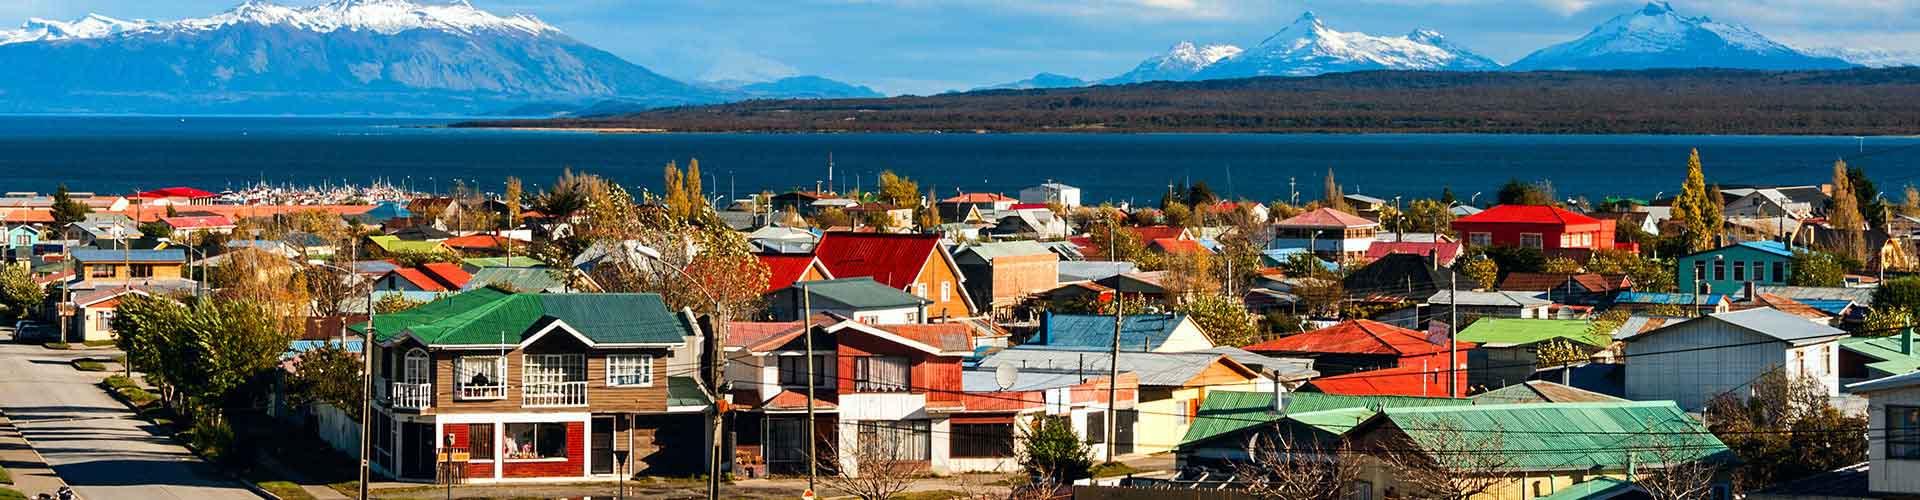 Puerto Natales - Campamentos en Puerto Natales. Mapas de Puerto Natales, Fotos y comentarios de cada Campamento en Puerto Natales.